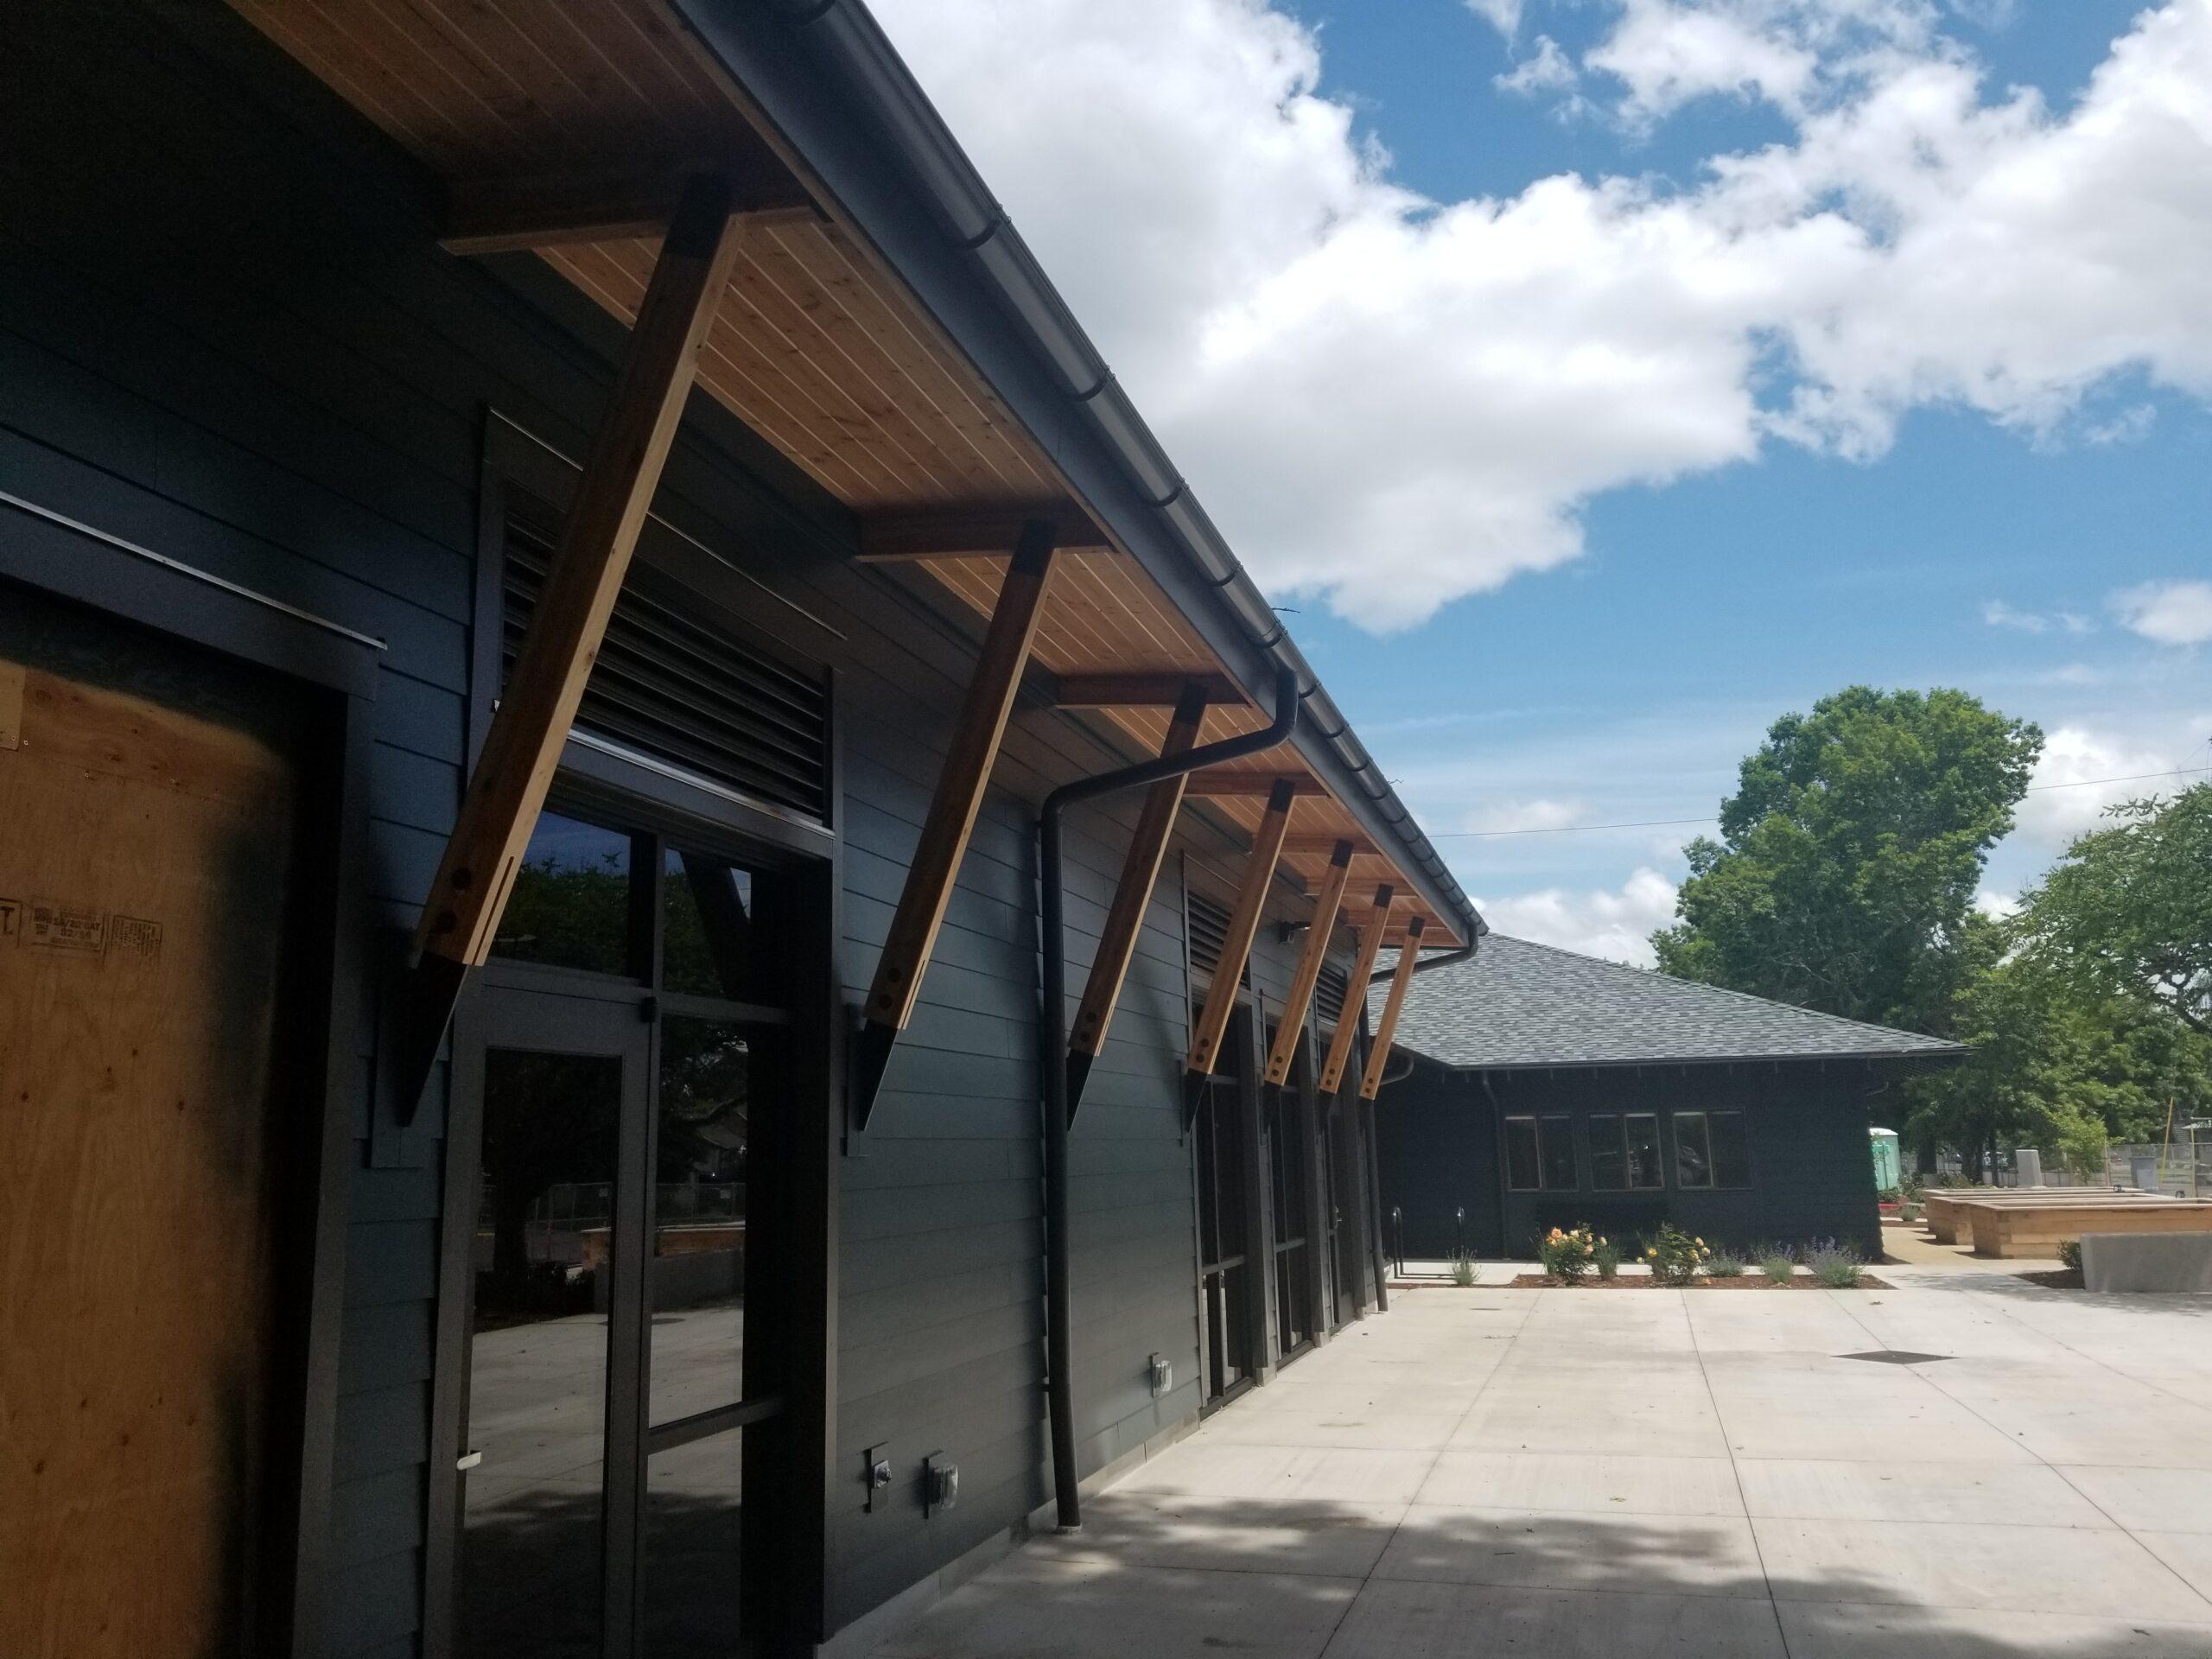 Chintimini Senior Center